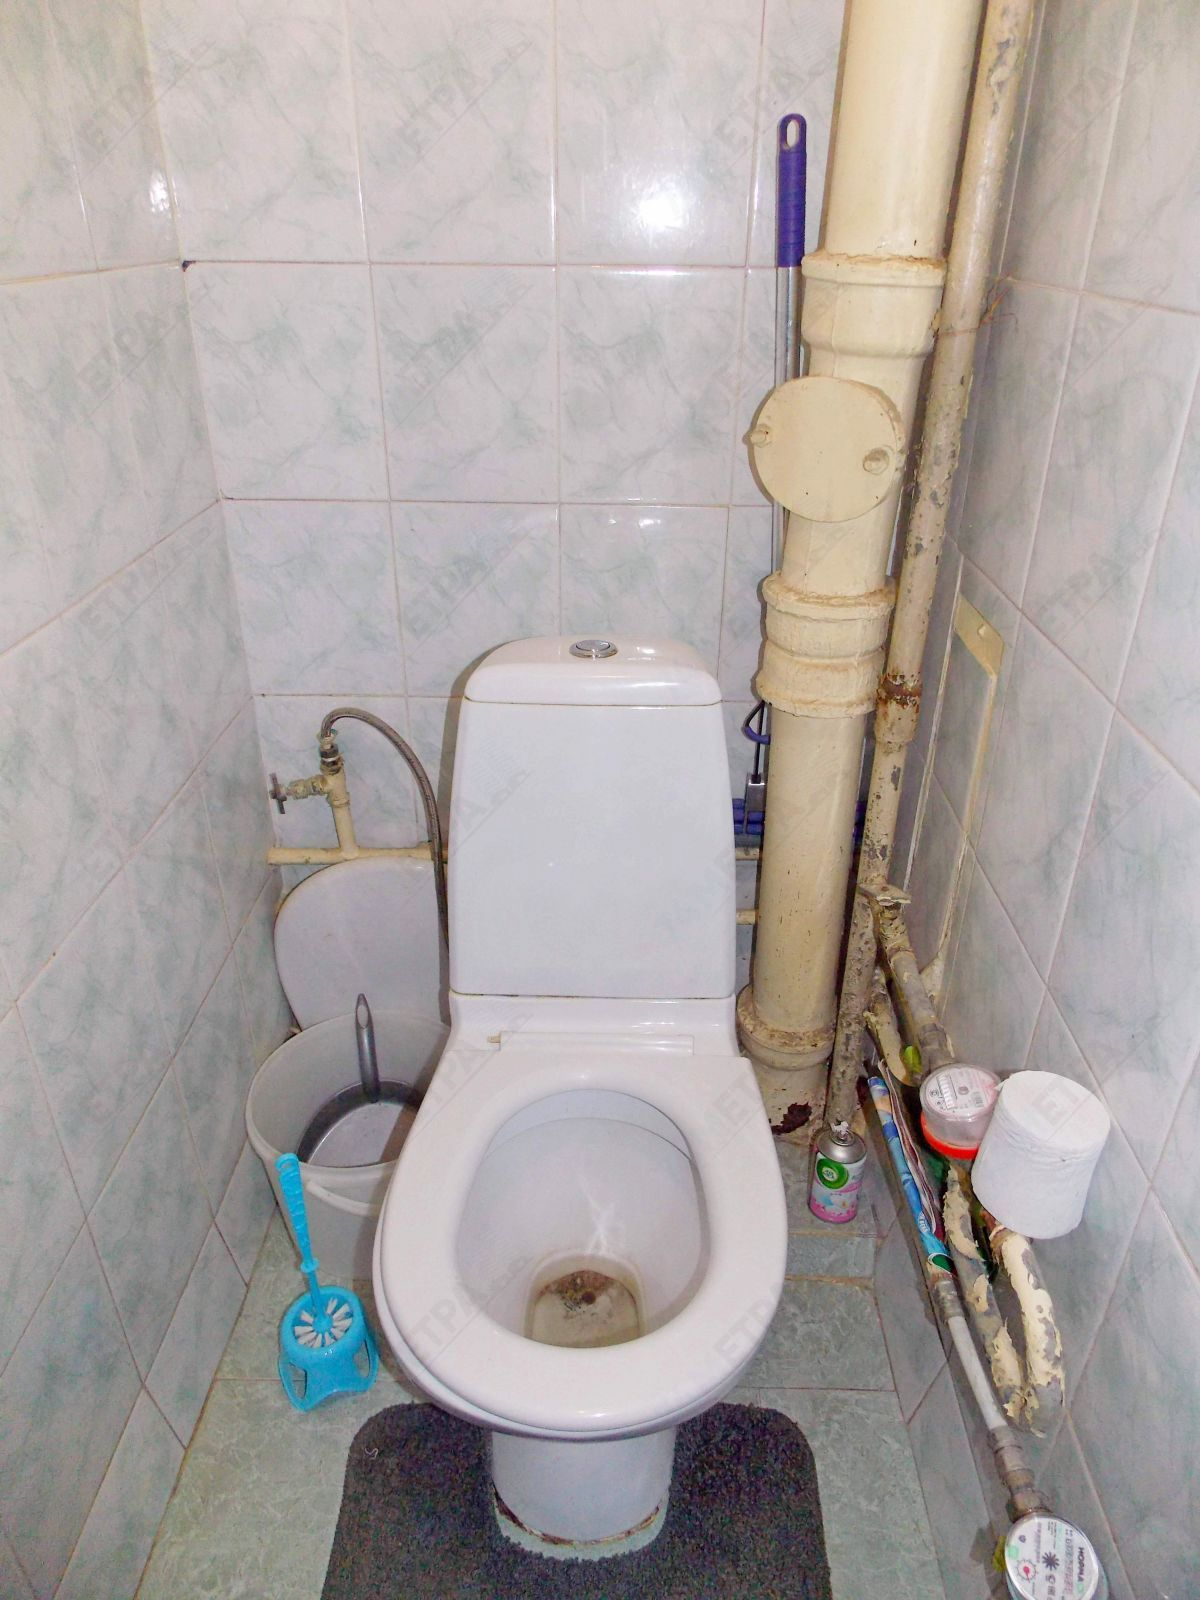 18 000 ₽, 2 - комнатная квартира, площадь 57 м², этаж 5/10